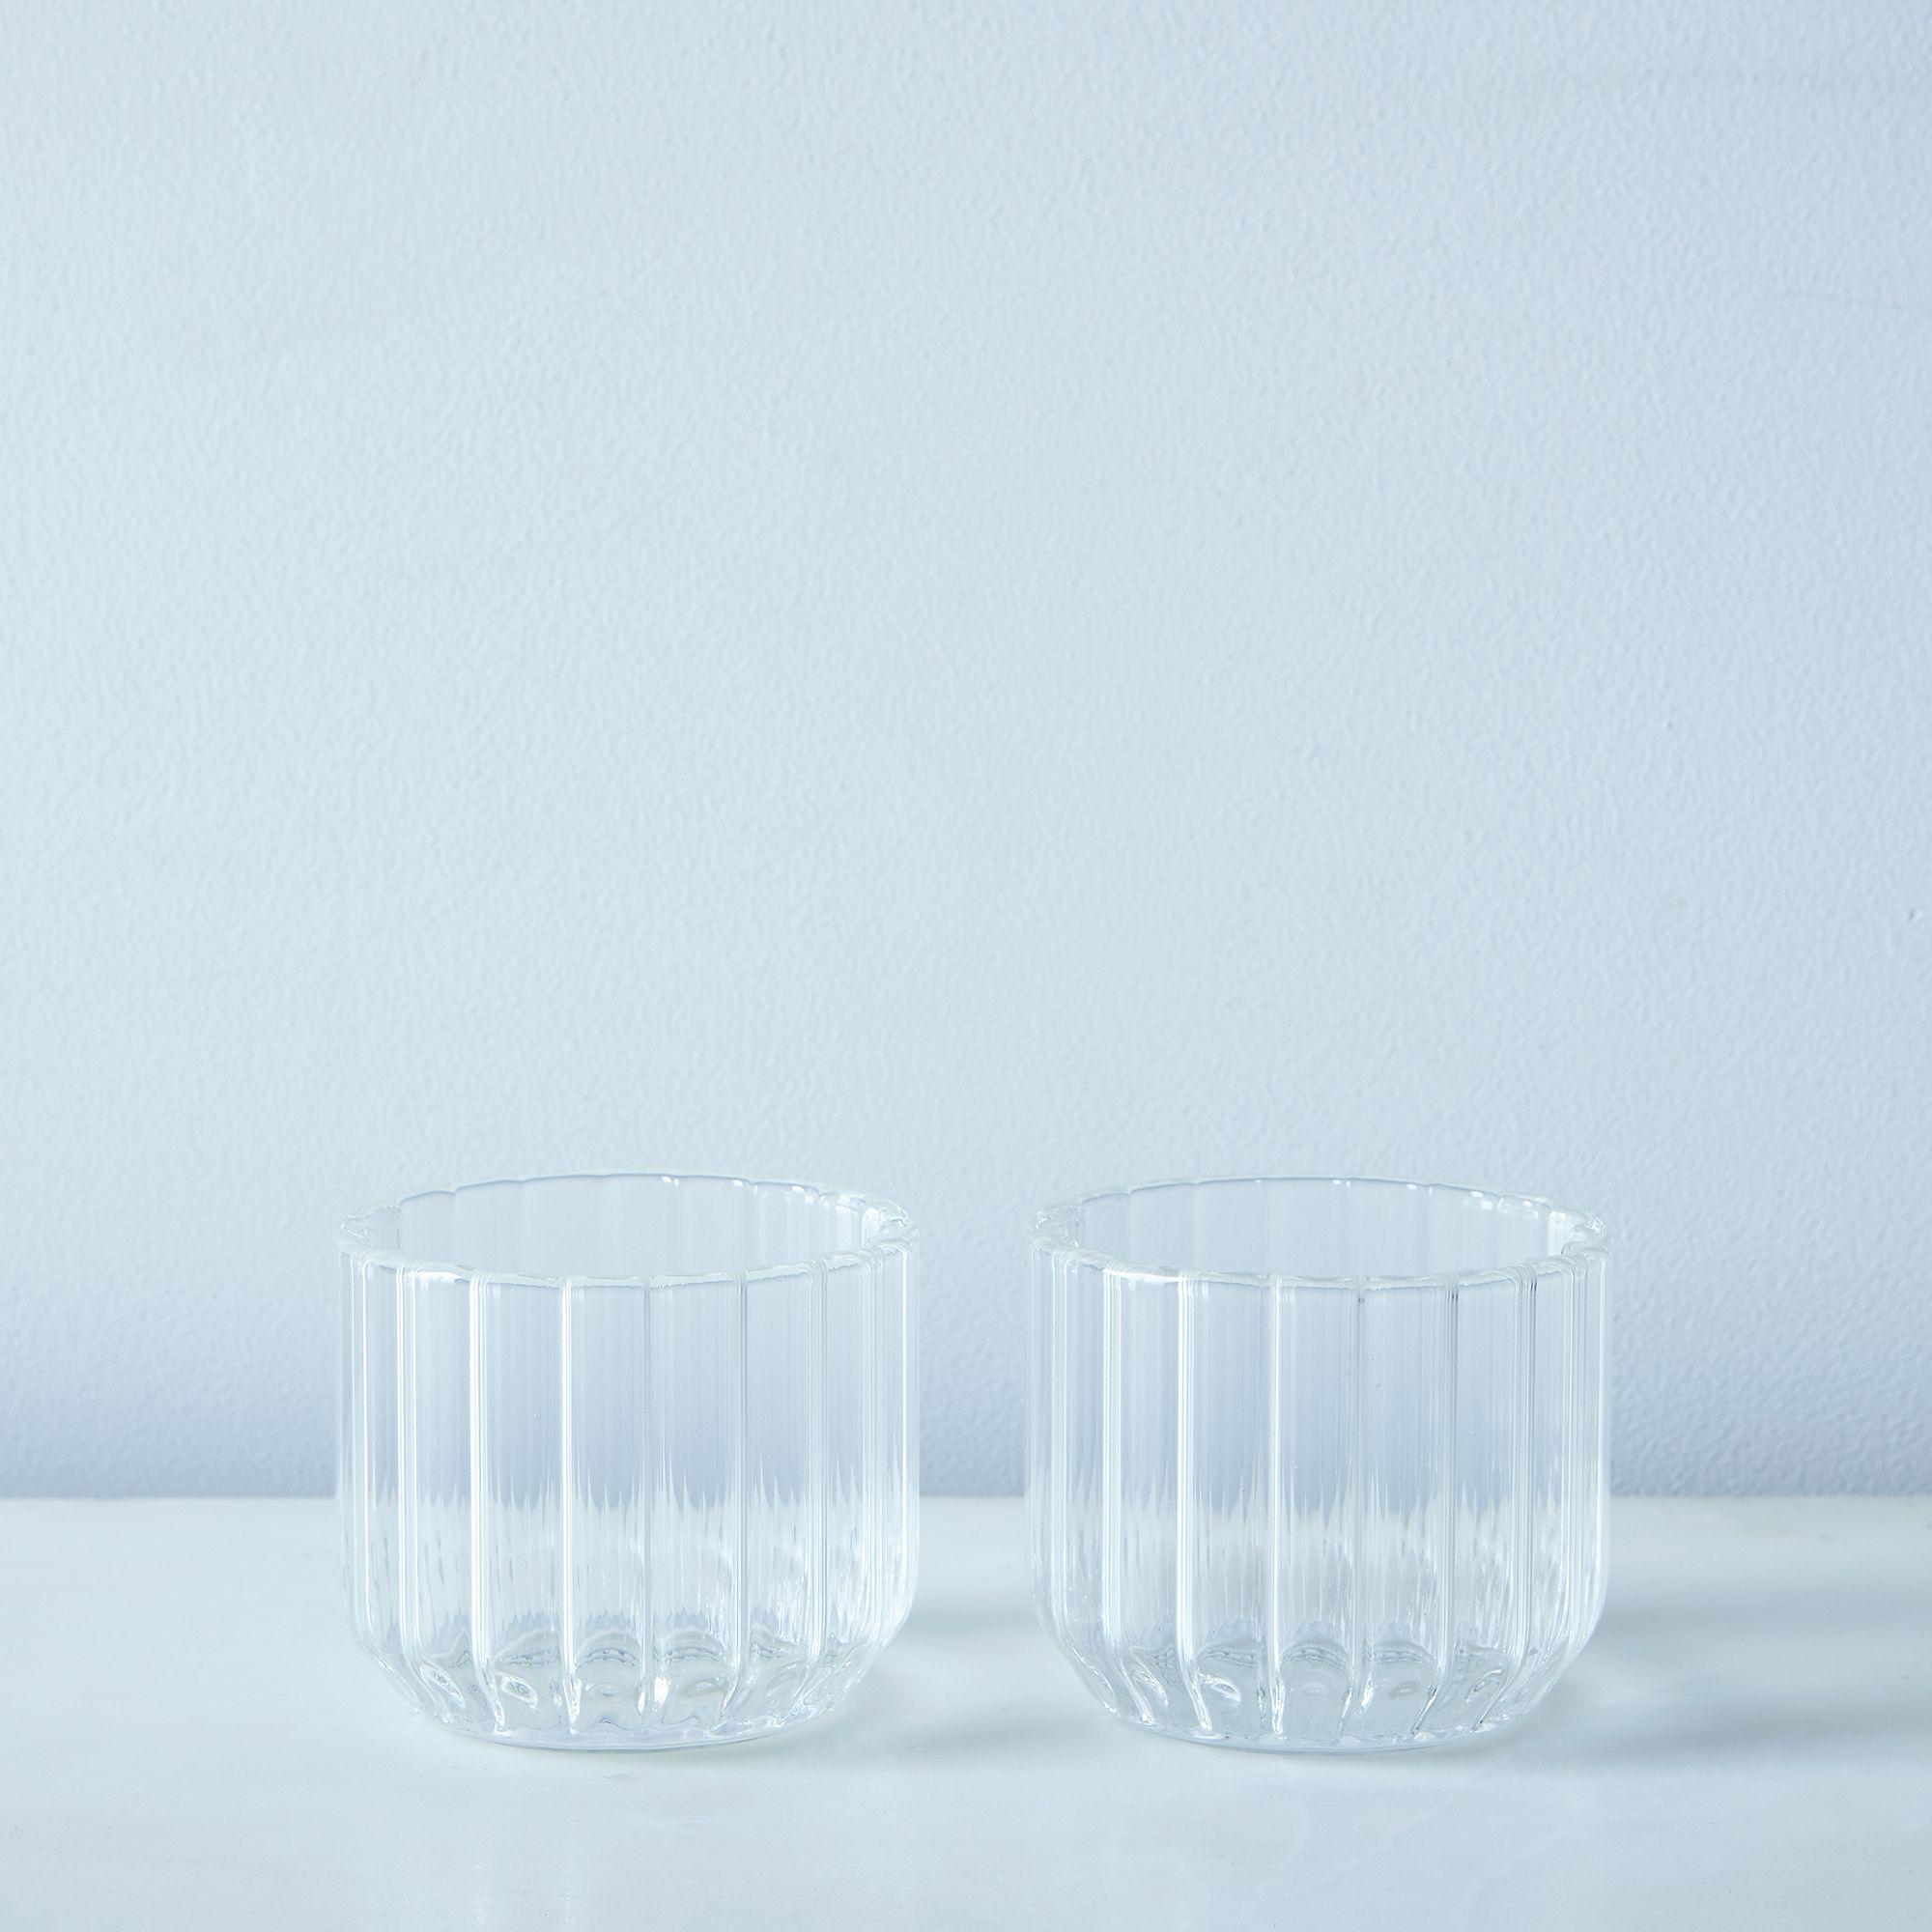 0e951d11 3648 4861 8181 3527291d3a6b  2016 1207 fferone dearborn glassware wine glasses silo rocky luten 060